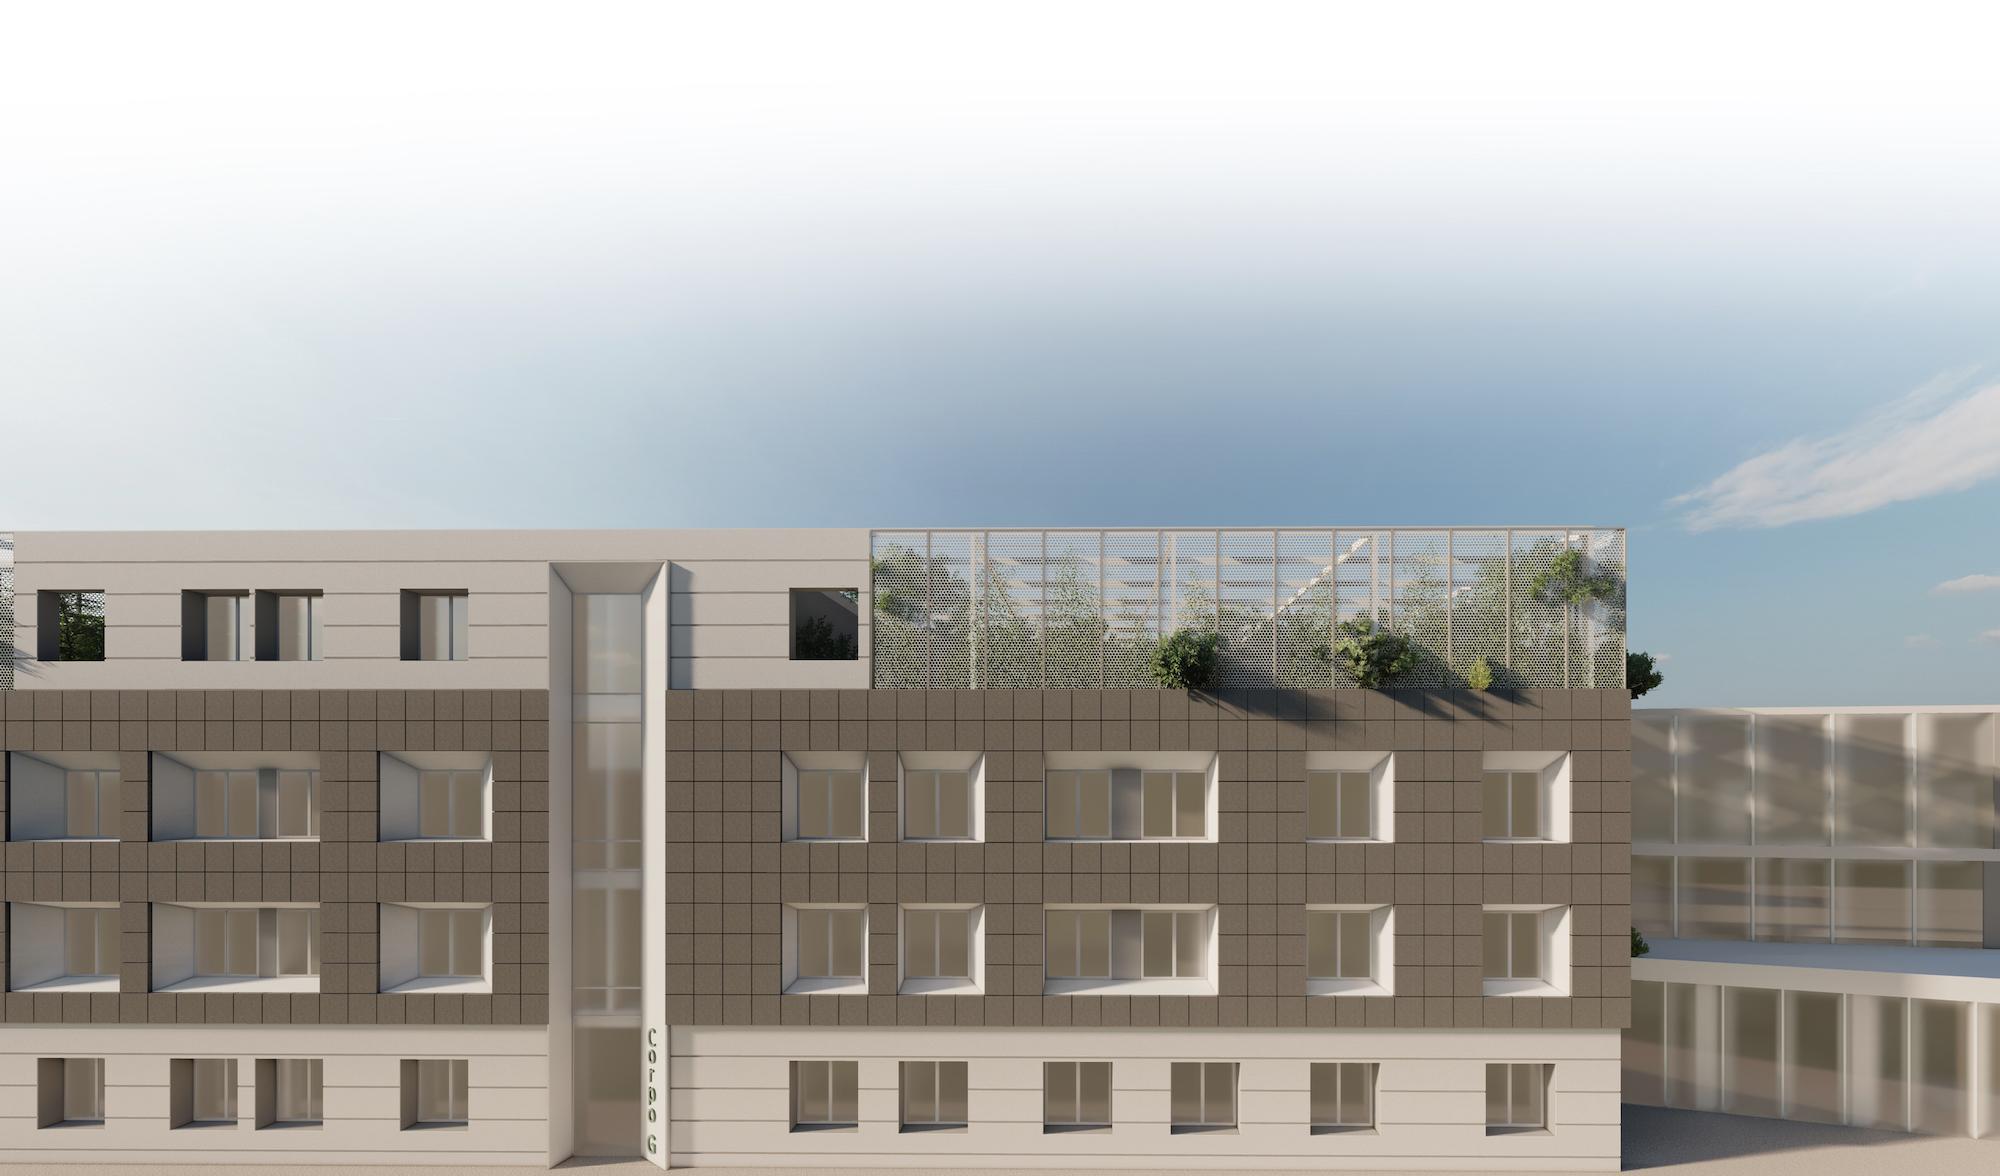 Nuovo padiglione G dell'ospedale di Caserta: un edificio nZEB progettato da Stancanelli Russo Associati